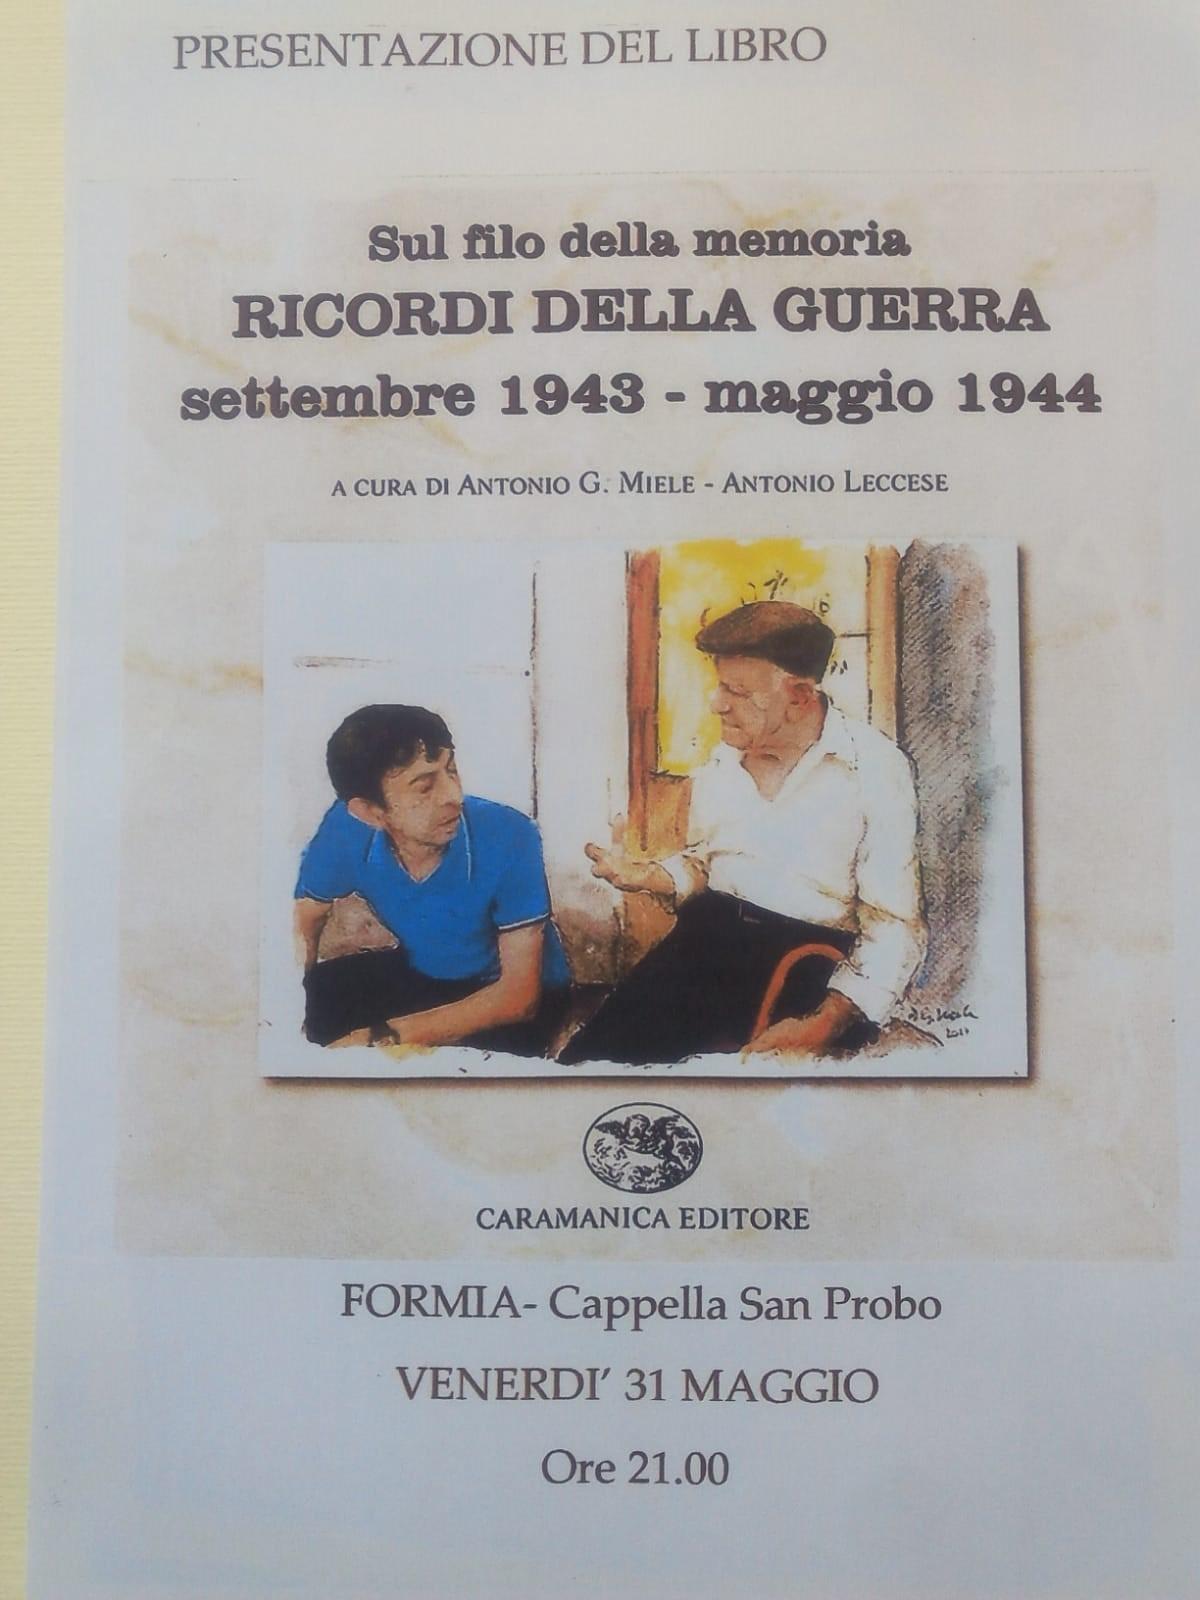 """Presentazione del libro """"Sul filo della memoria RICORDI DELLA GUERRA settembre 1943-maggio 1944"""" di Antonio G. Miele e Antonio Leccese, CaramanicaEditore"""